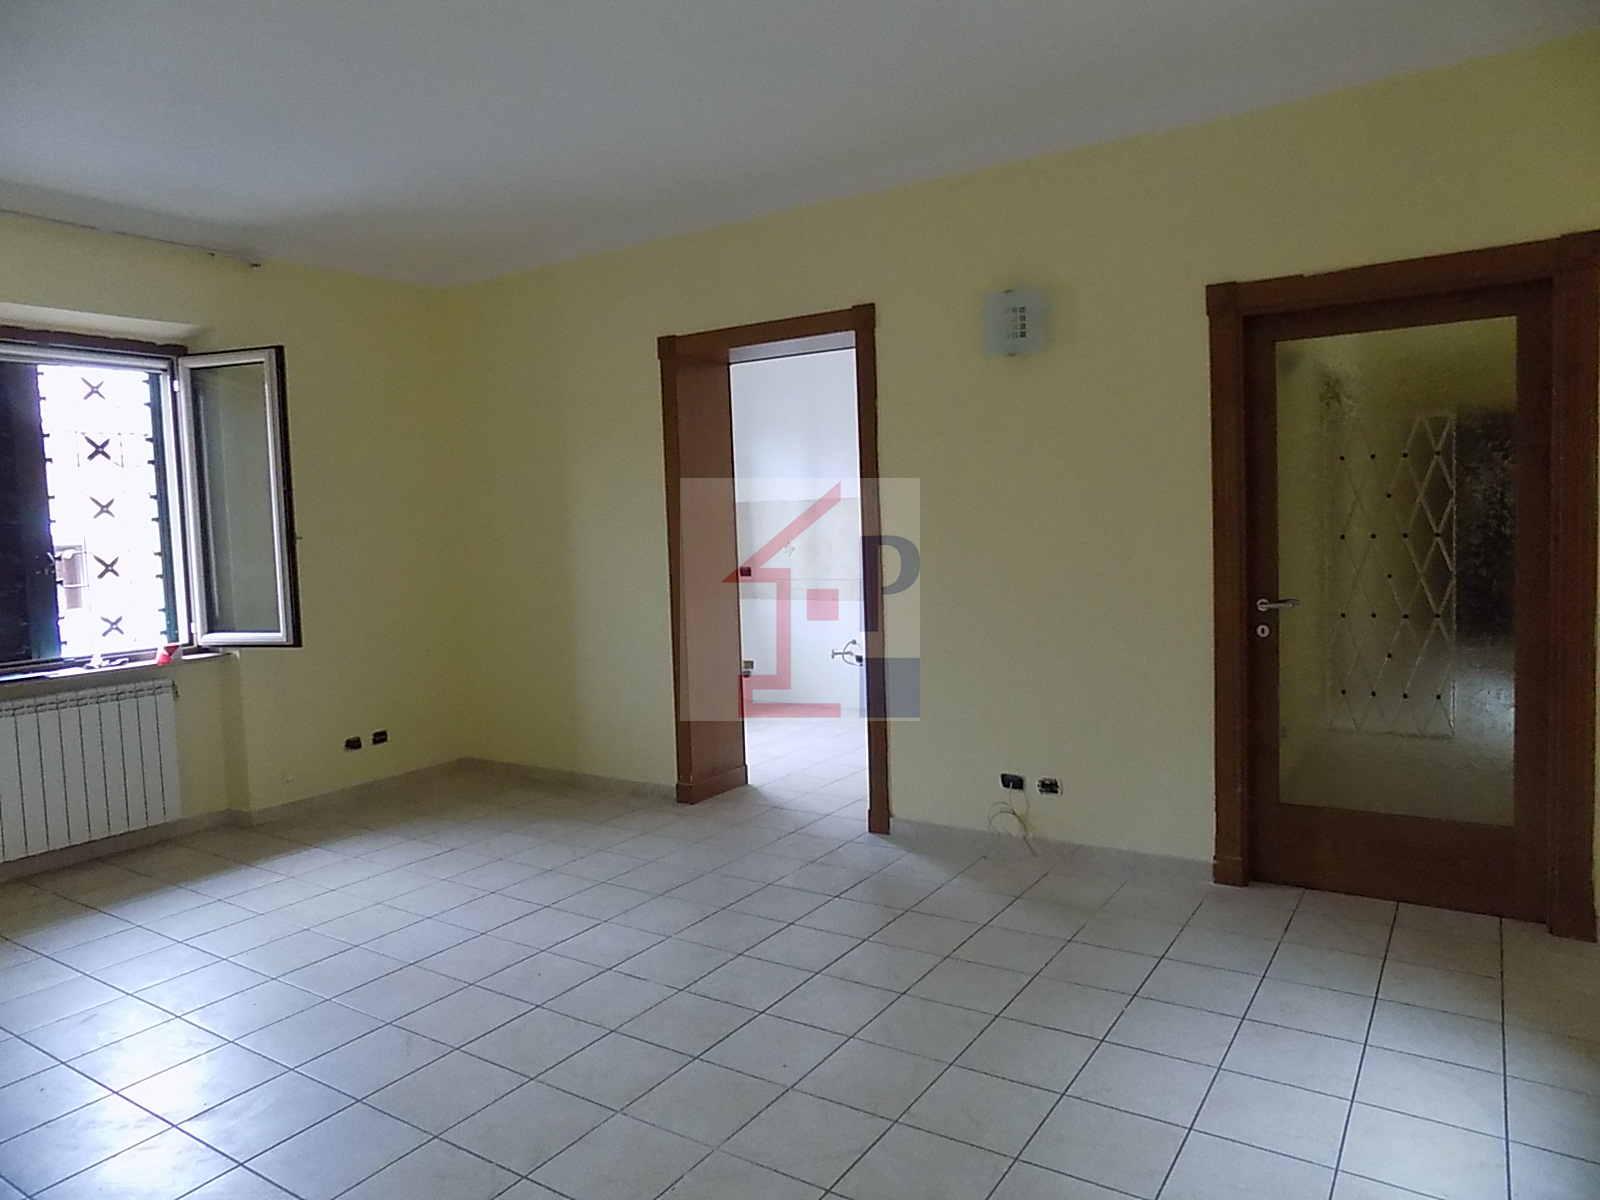 Appartamento piano terra in vendita Isola del Liri Rif.87